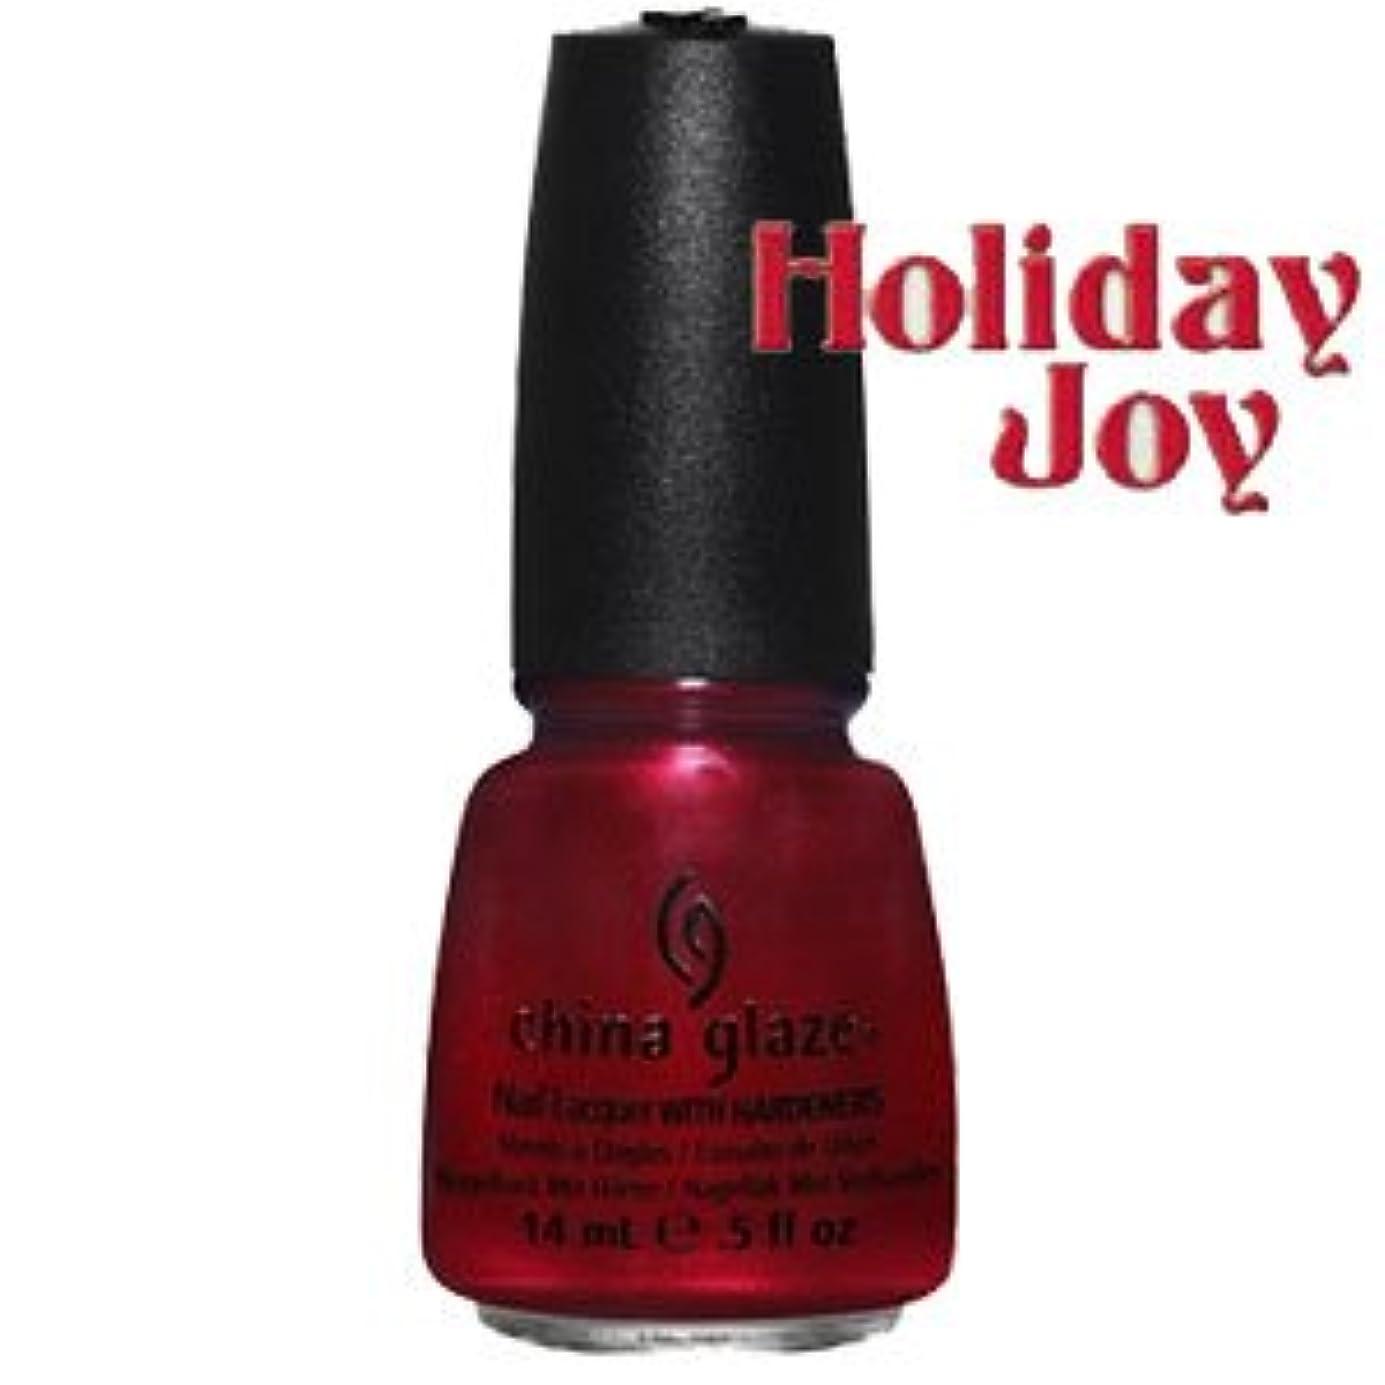 パウダー暴露ブランデー(チャイナグレイズ)China Glaze Cranberry Splashー'12Holiday Joy コレクション [海外直送品][並行輸入品]